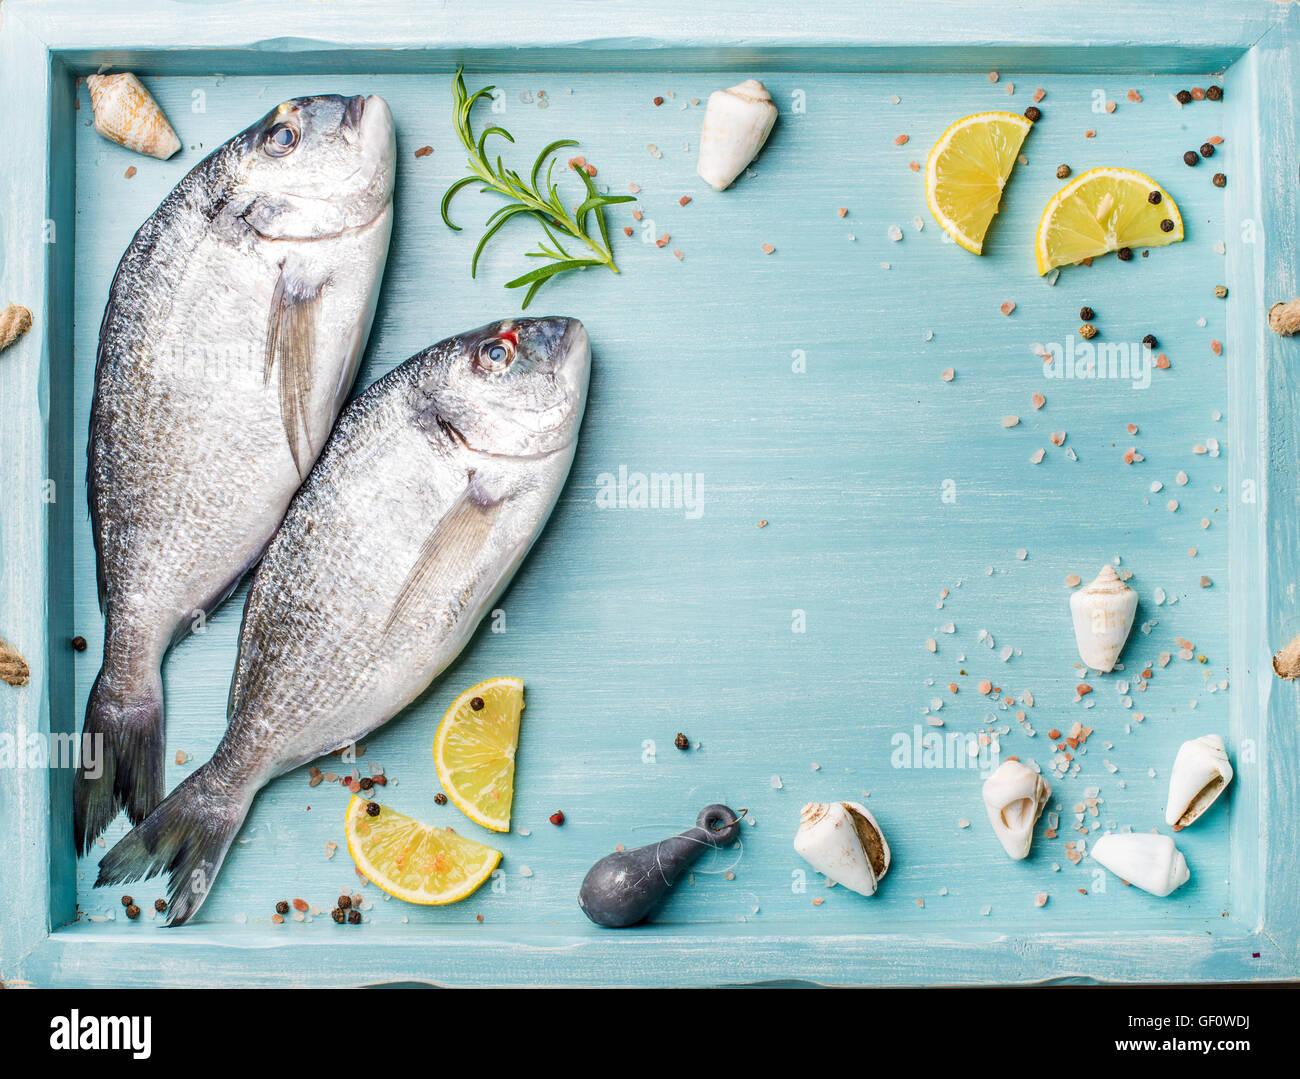 Frisches rohes Dorade Fisch dekoriert mit Zitronenscheiben, Kräutern und Muscheln im blauen Tray, Textfreiraum Stockbild